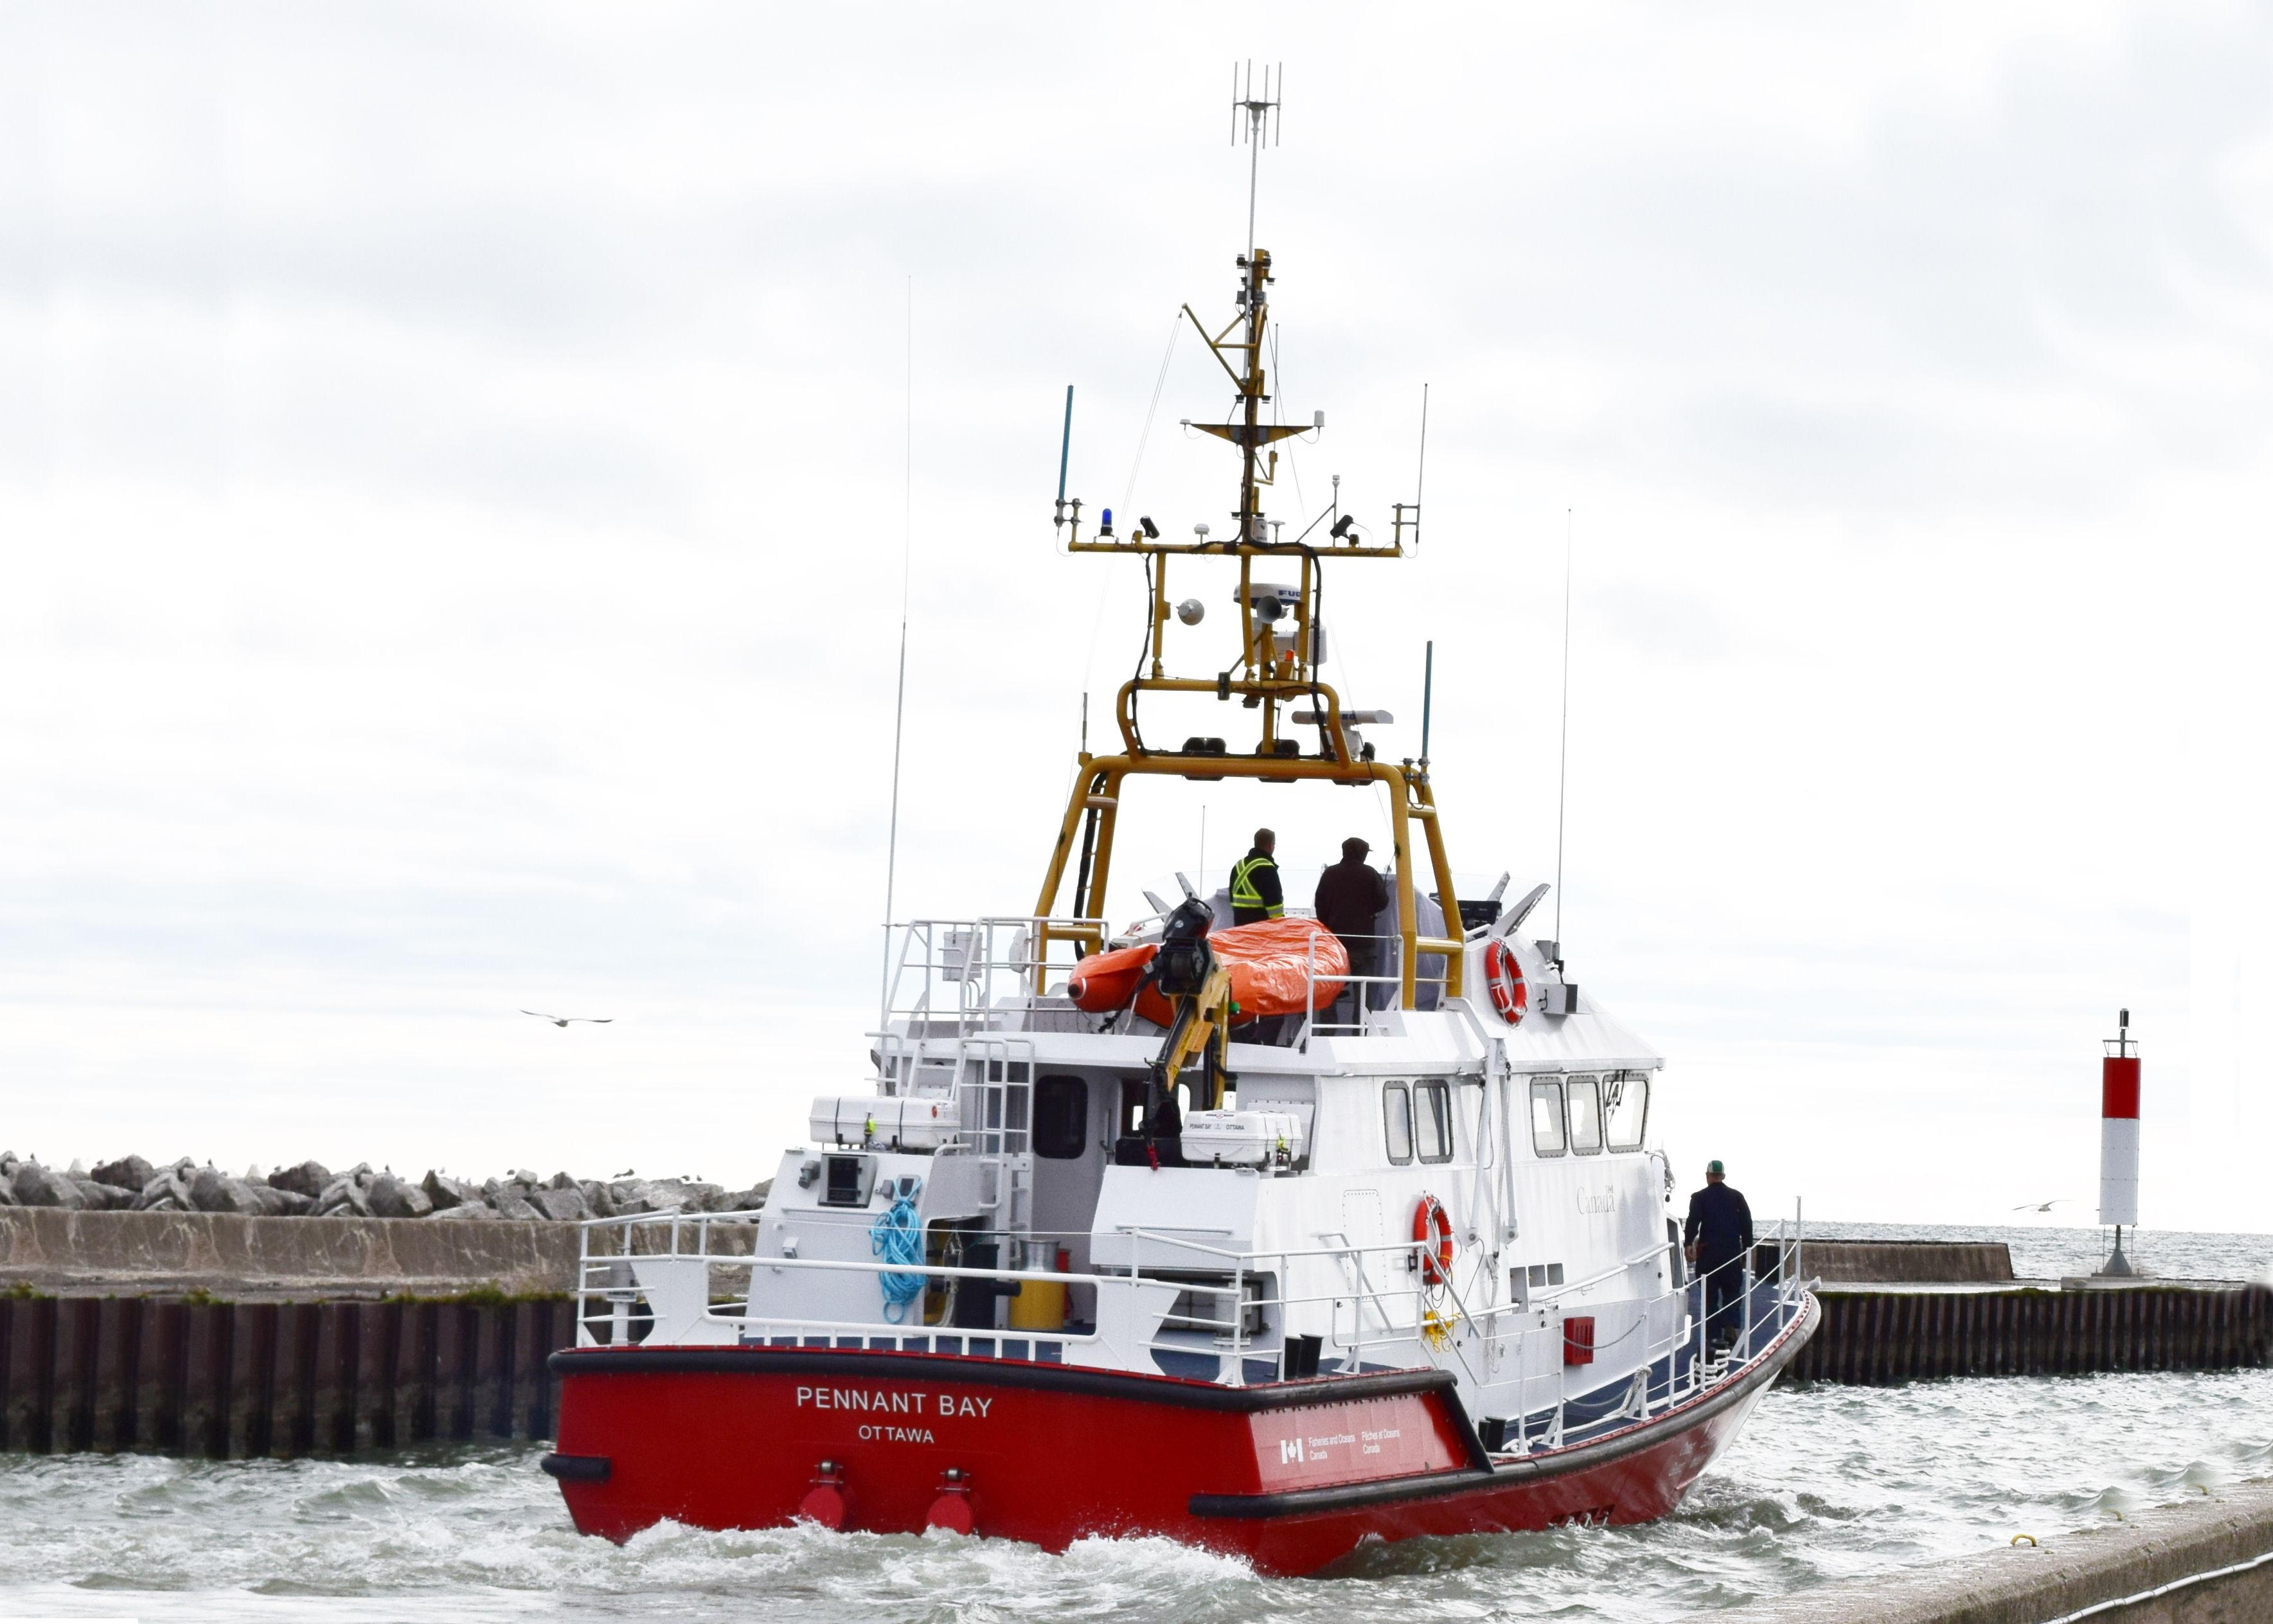 Pennant Bay 2 (5x7) stern